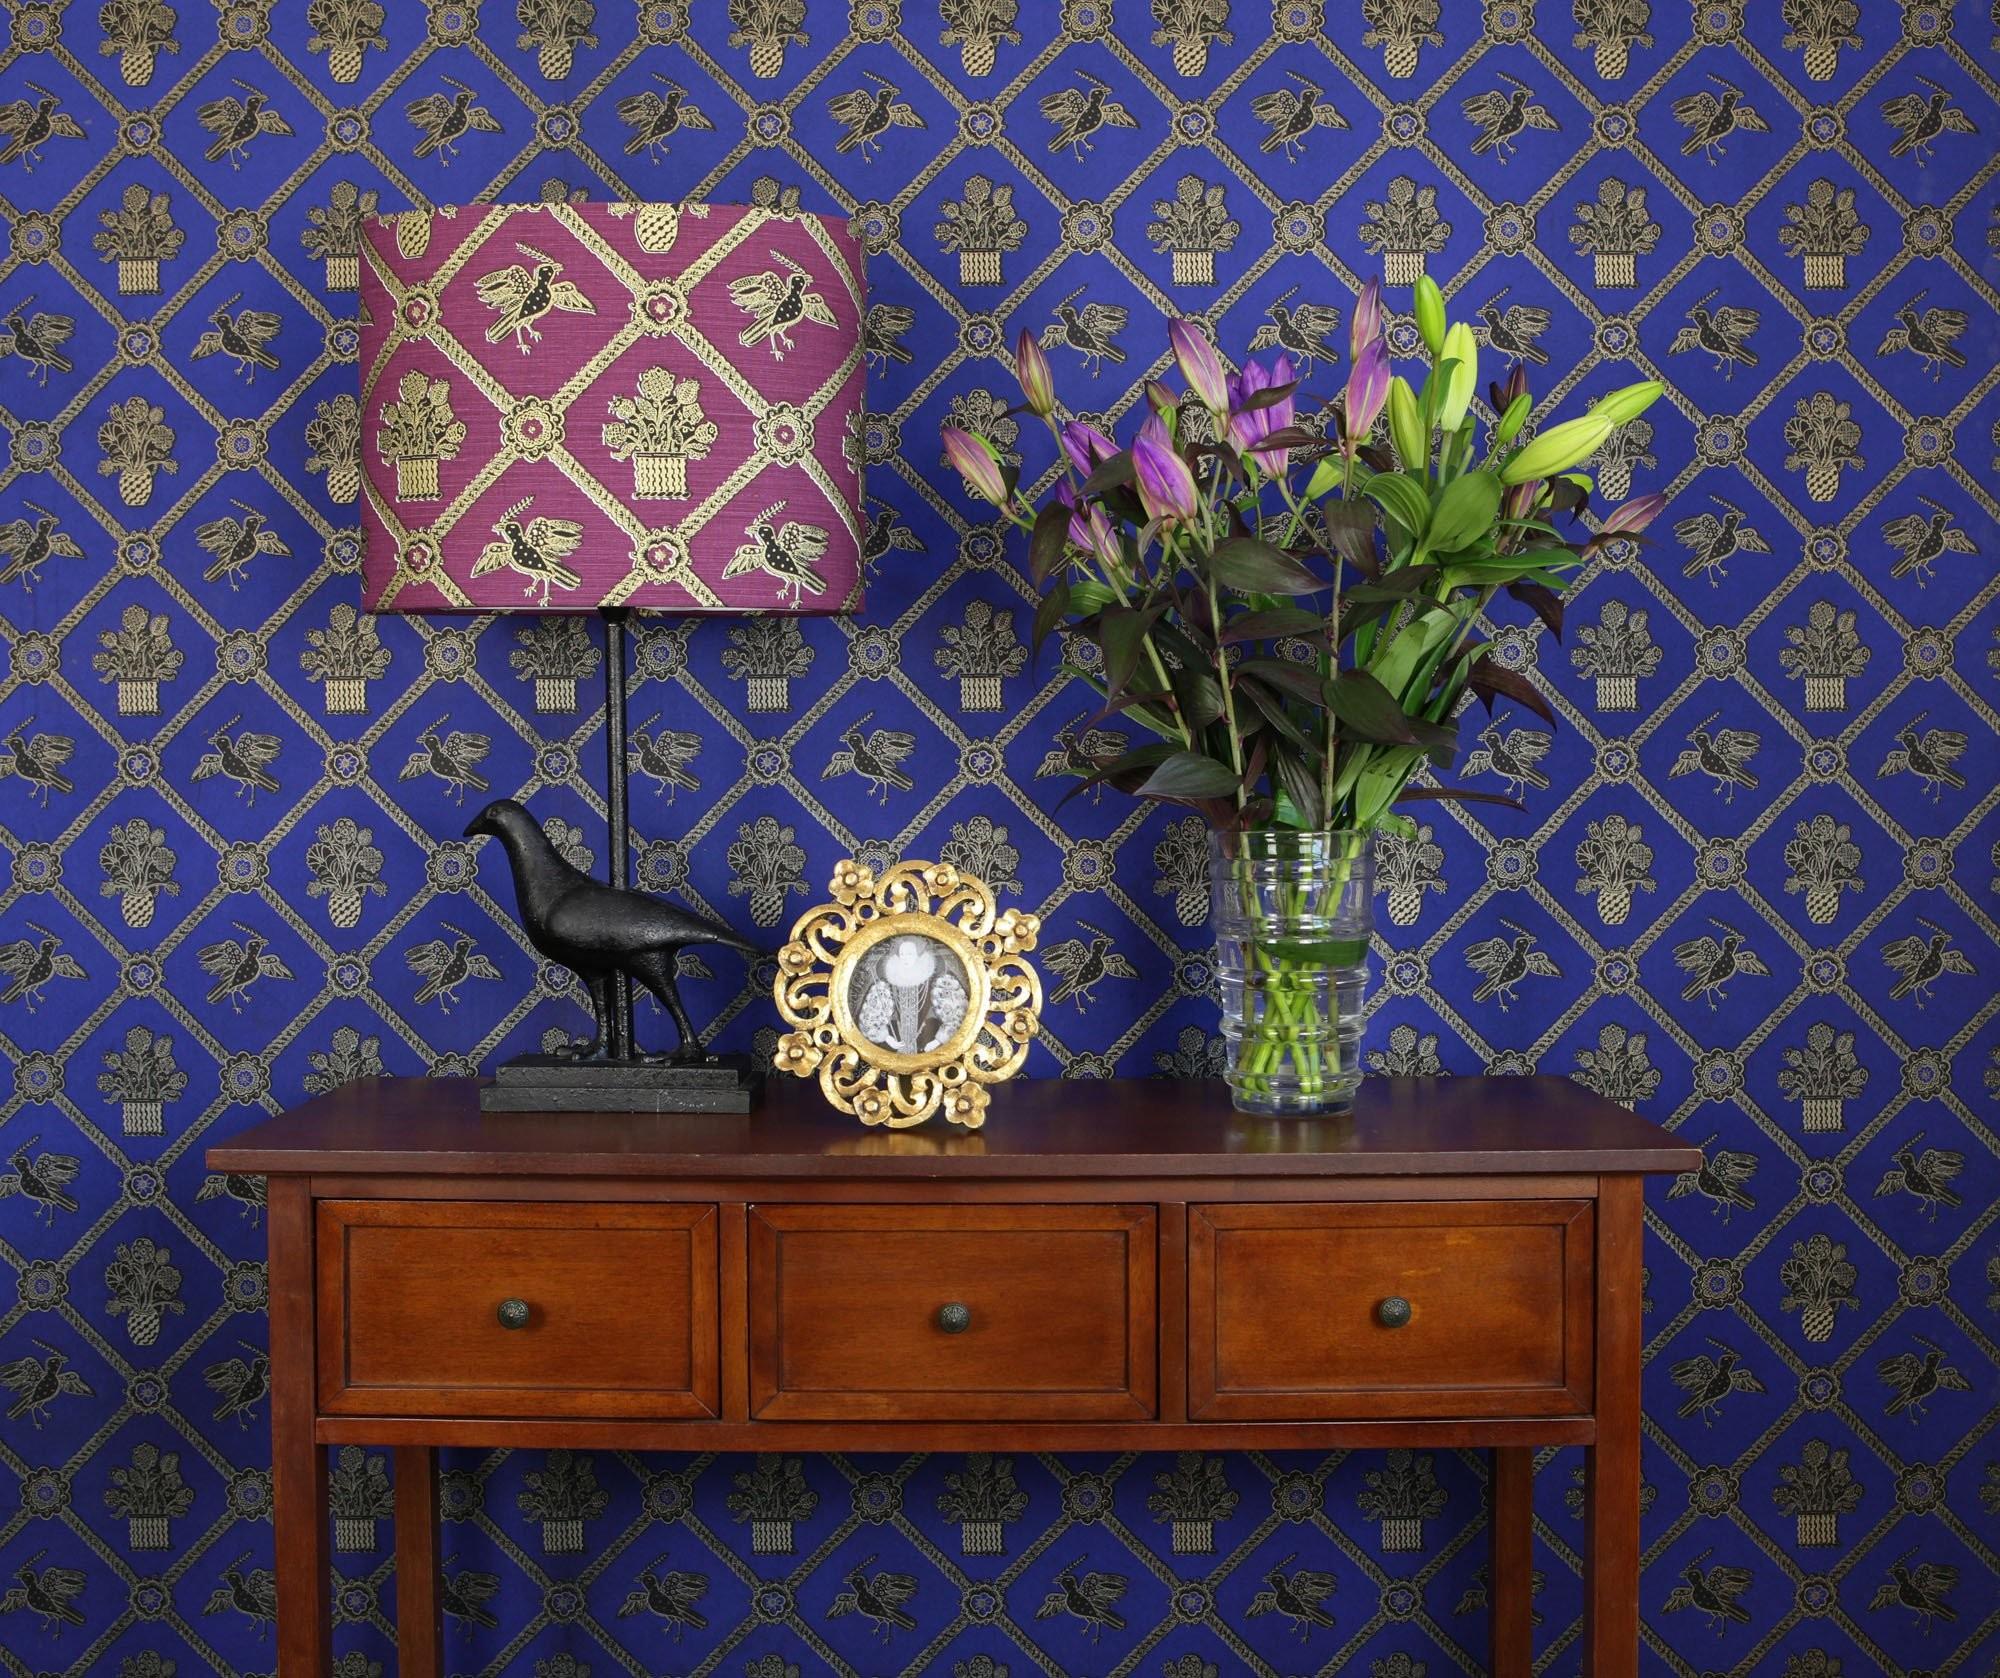 Rope Trellis Wallpaper – Royal Blue / Black / Gold Metallic